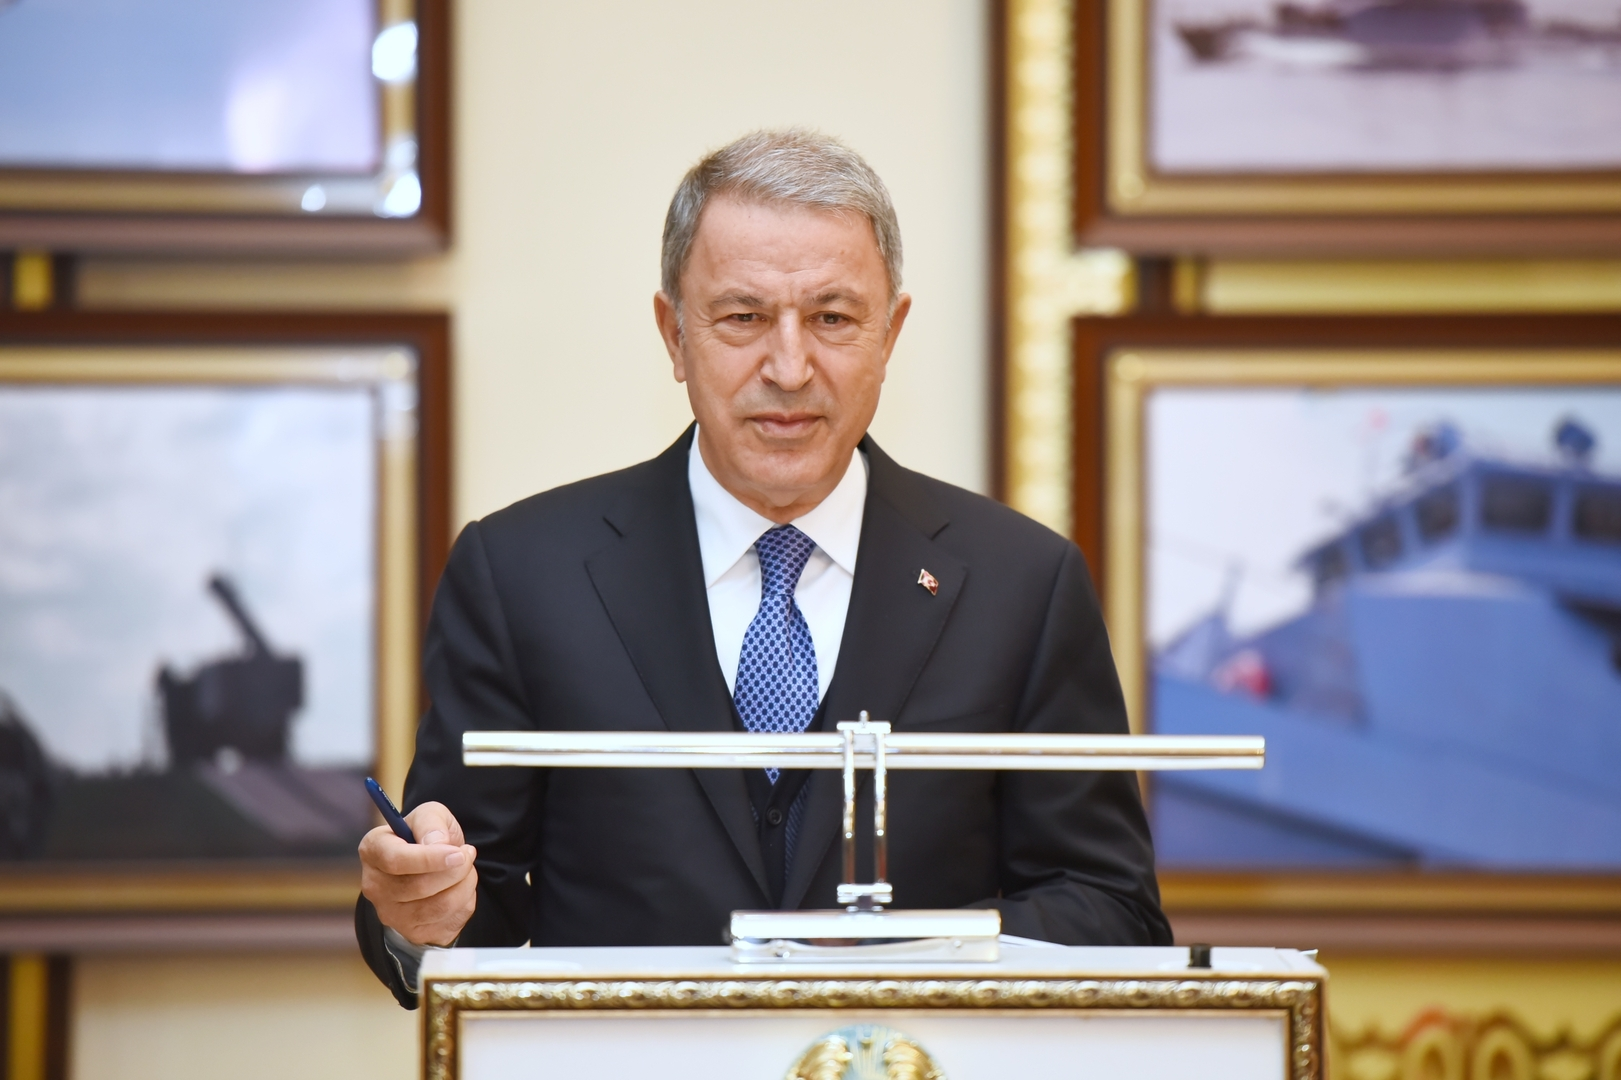 وزير الدفاع التركي: سنقوم باللازم لوقف الهجمات الإرهابية في شمال سوريا